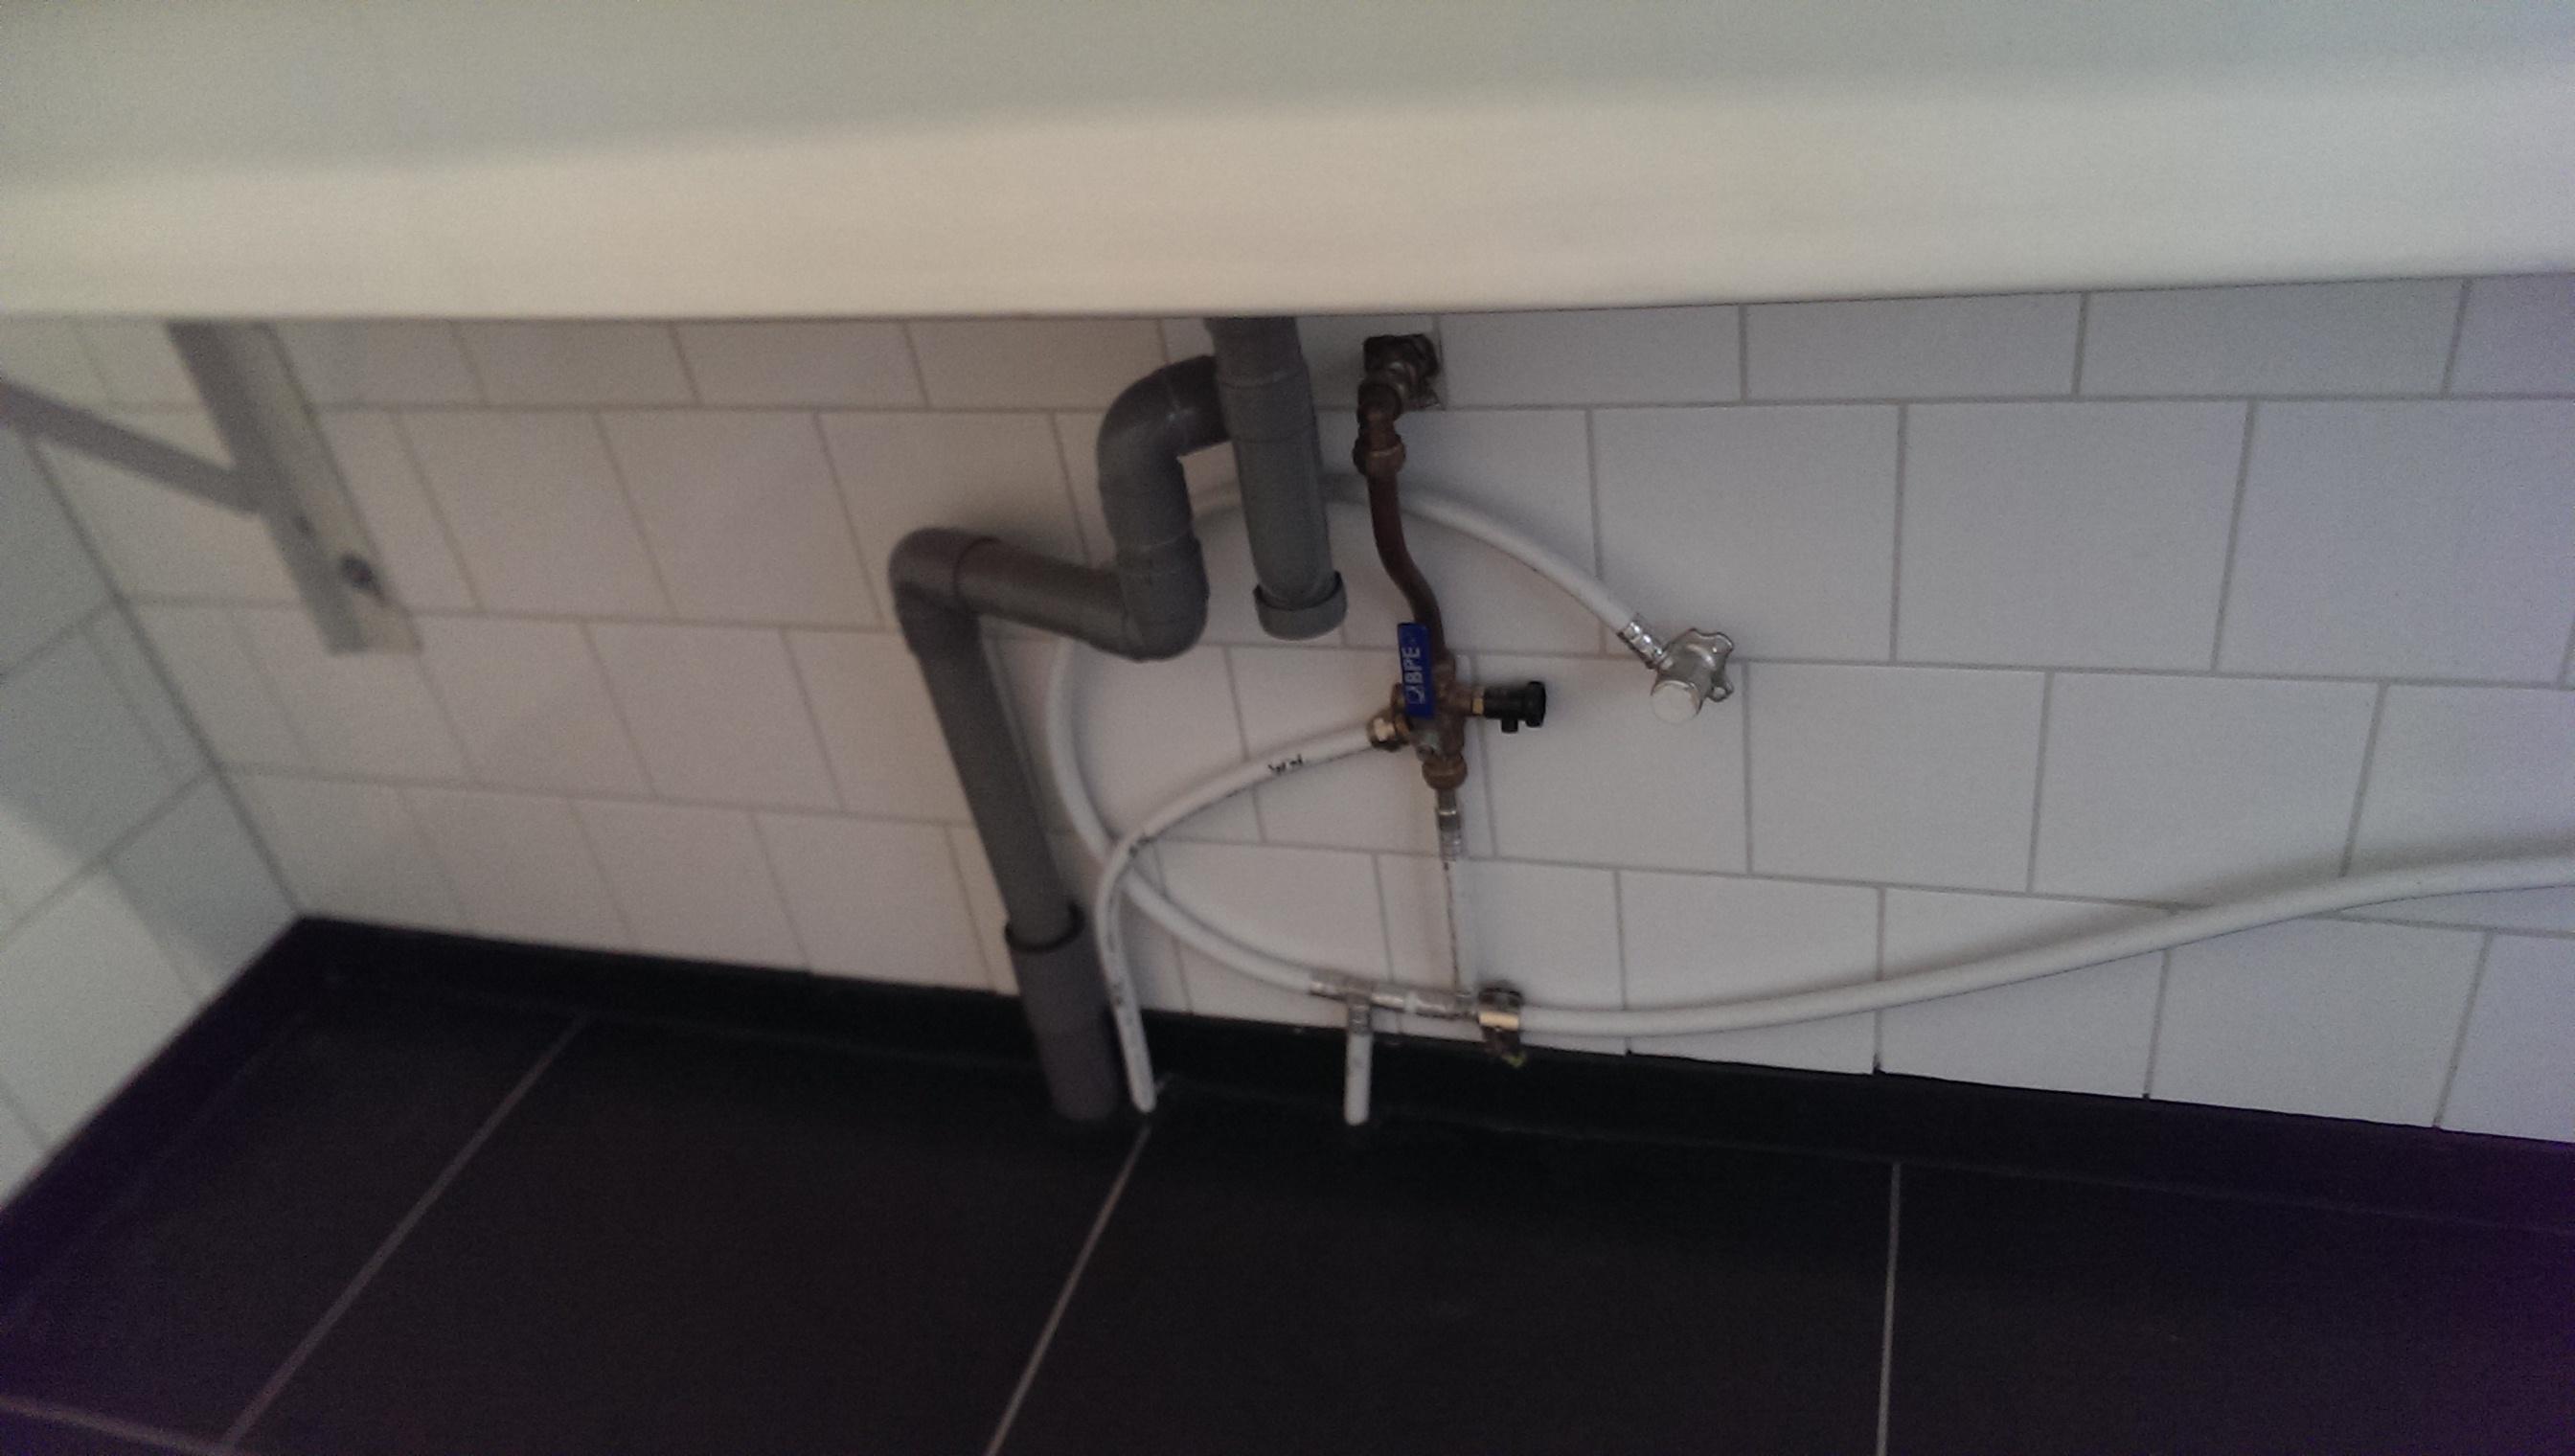 Aarding Badkamer Waarom : Raadplaatje installatie.nl